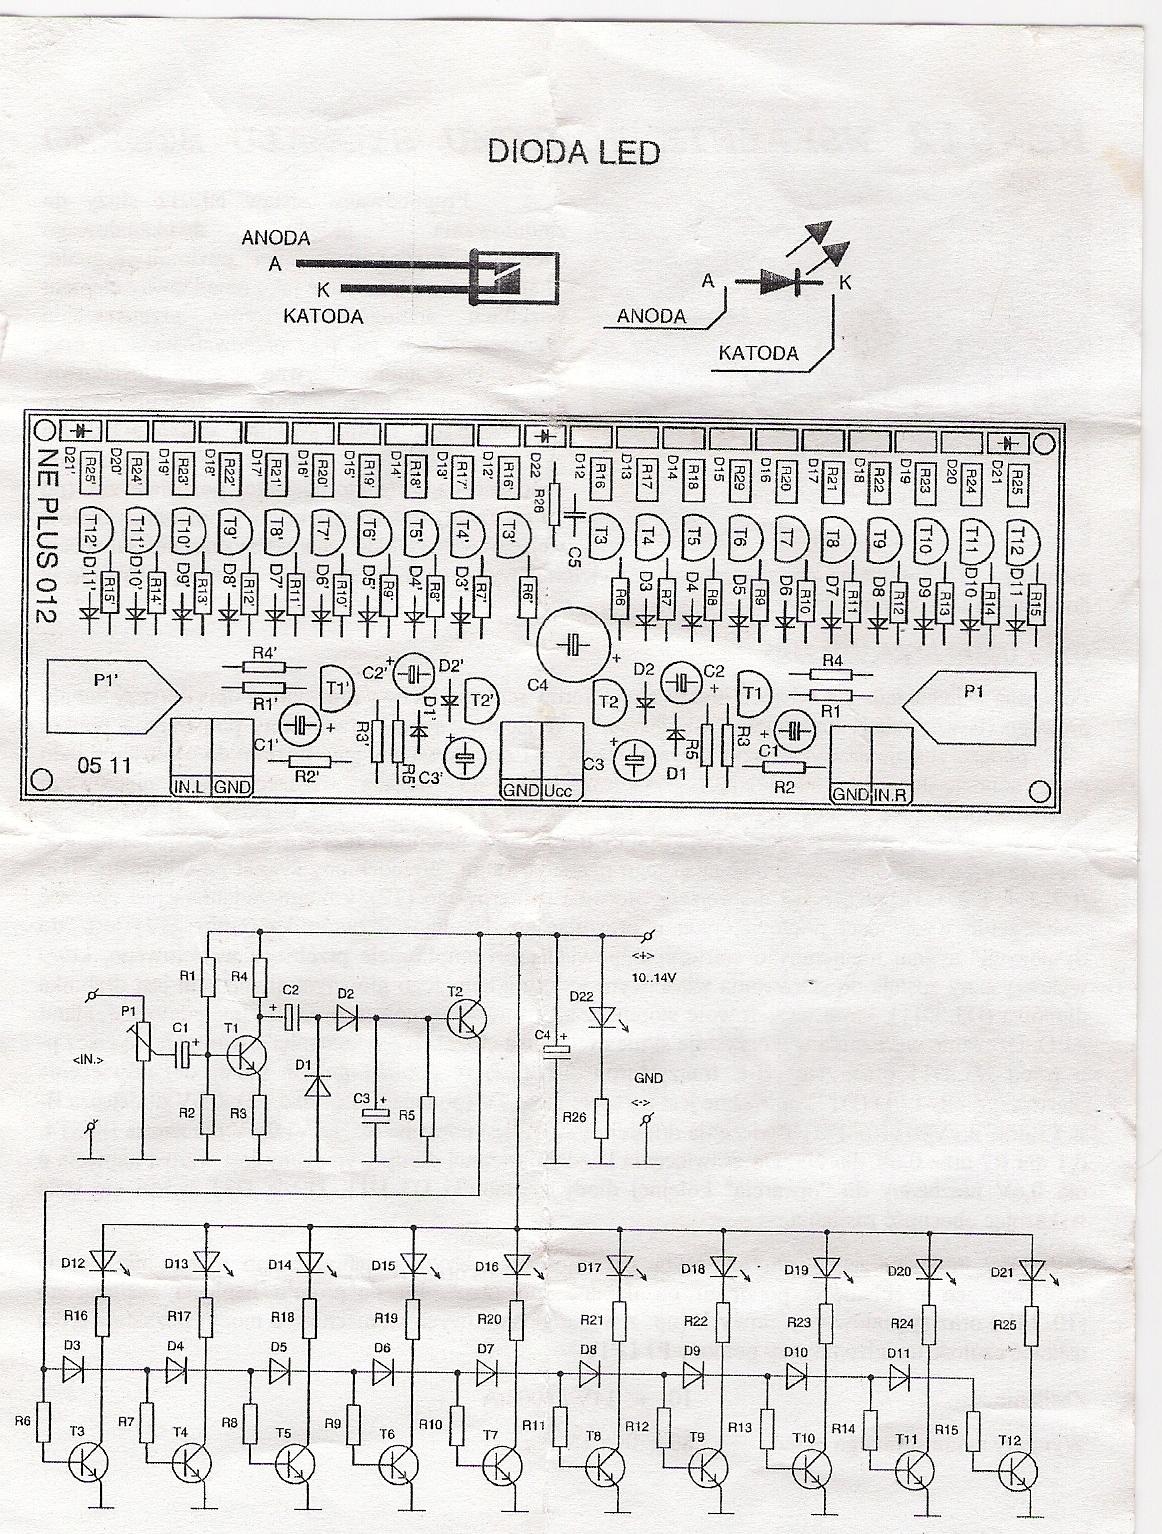 Jak zrobić wskaźnik wysterowania na 30 diod led o mocy 200W?